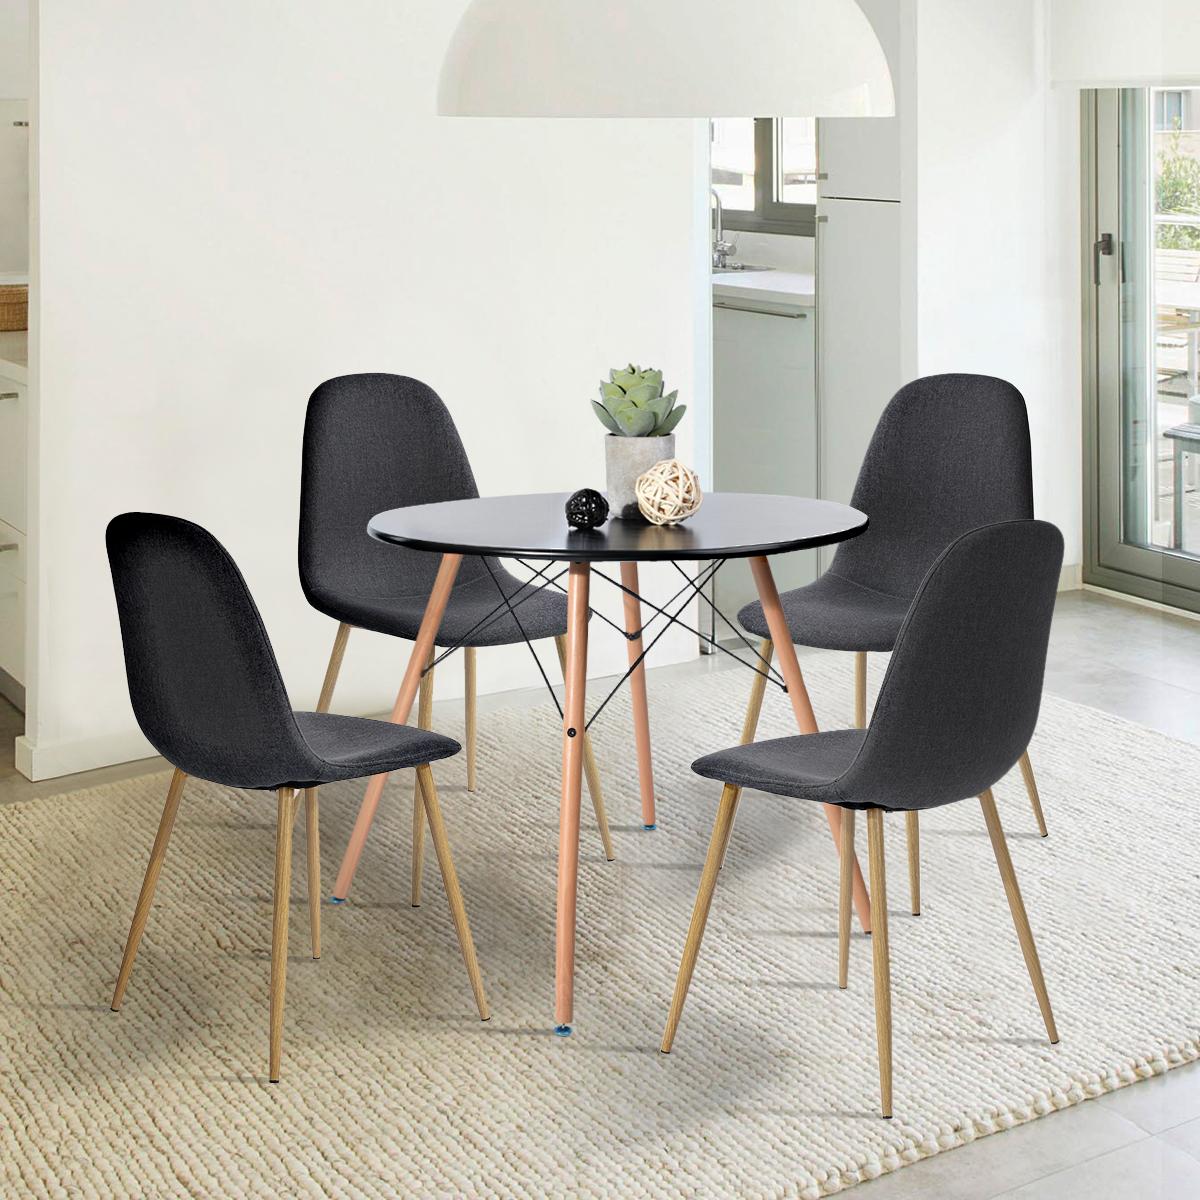 Table Pour Salle À Manger table salle à manger ronde noir 80cm - vente de urban meuble